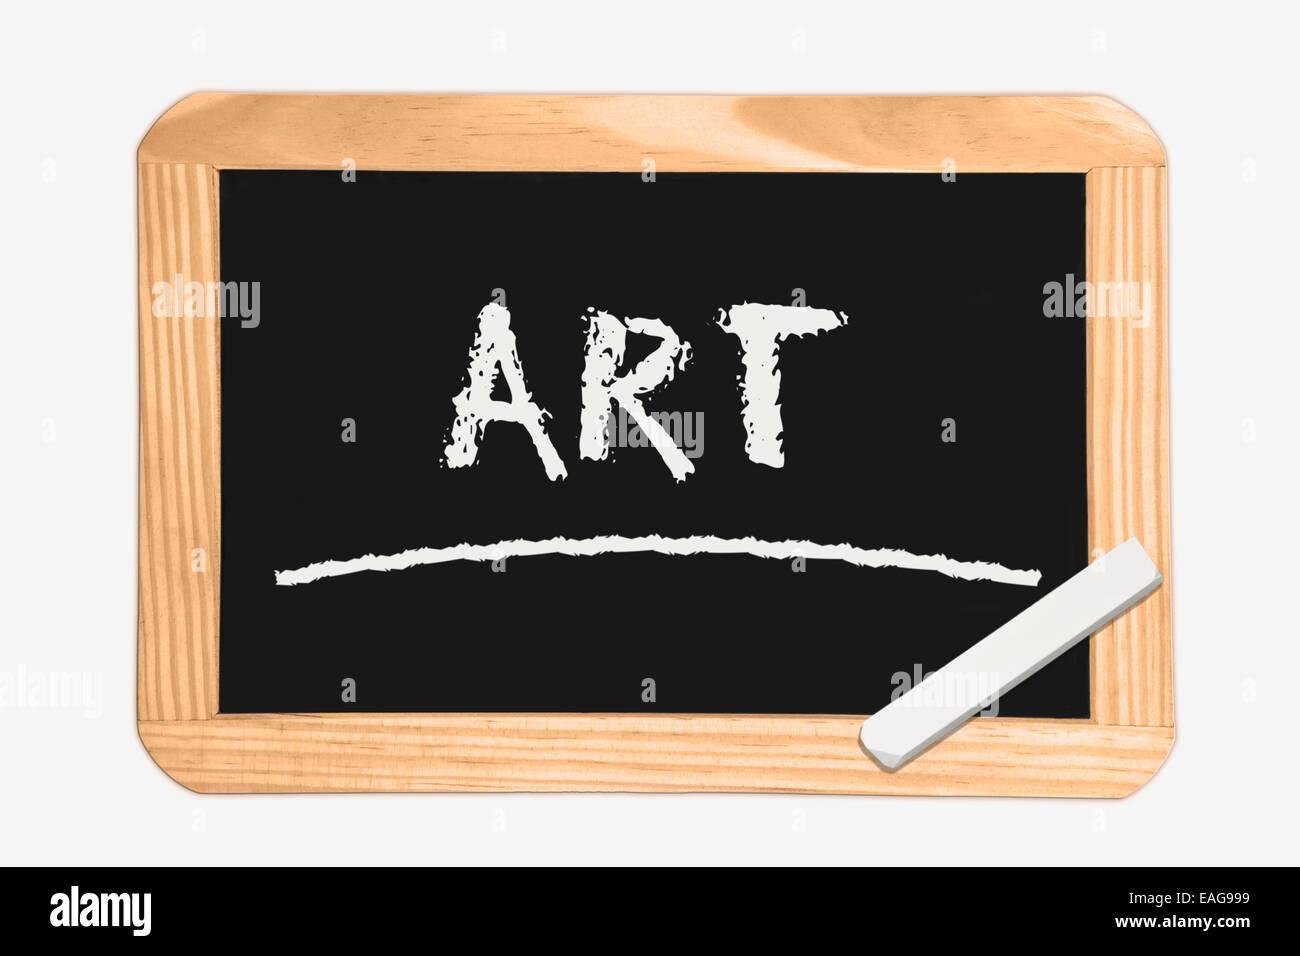 Lavagna con la scritta arte, un pezzo di gesso bianco nell'angolo Immagini Stock